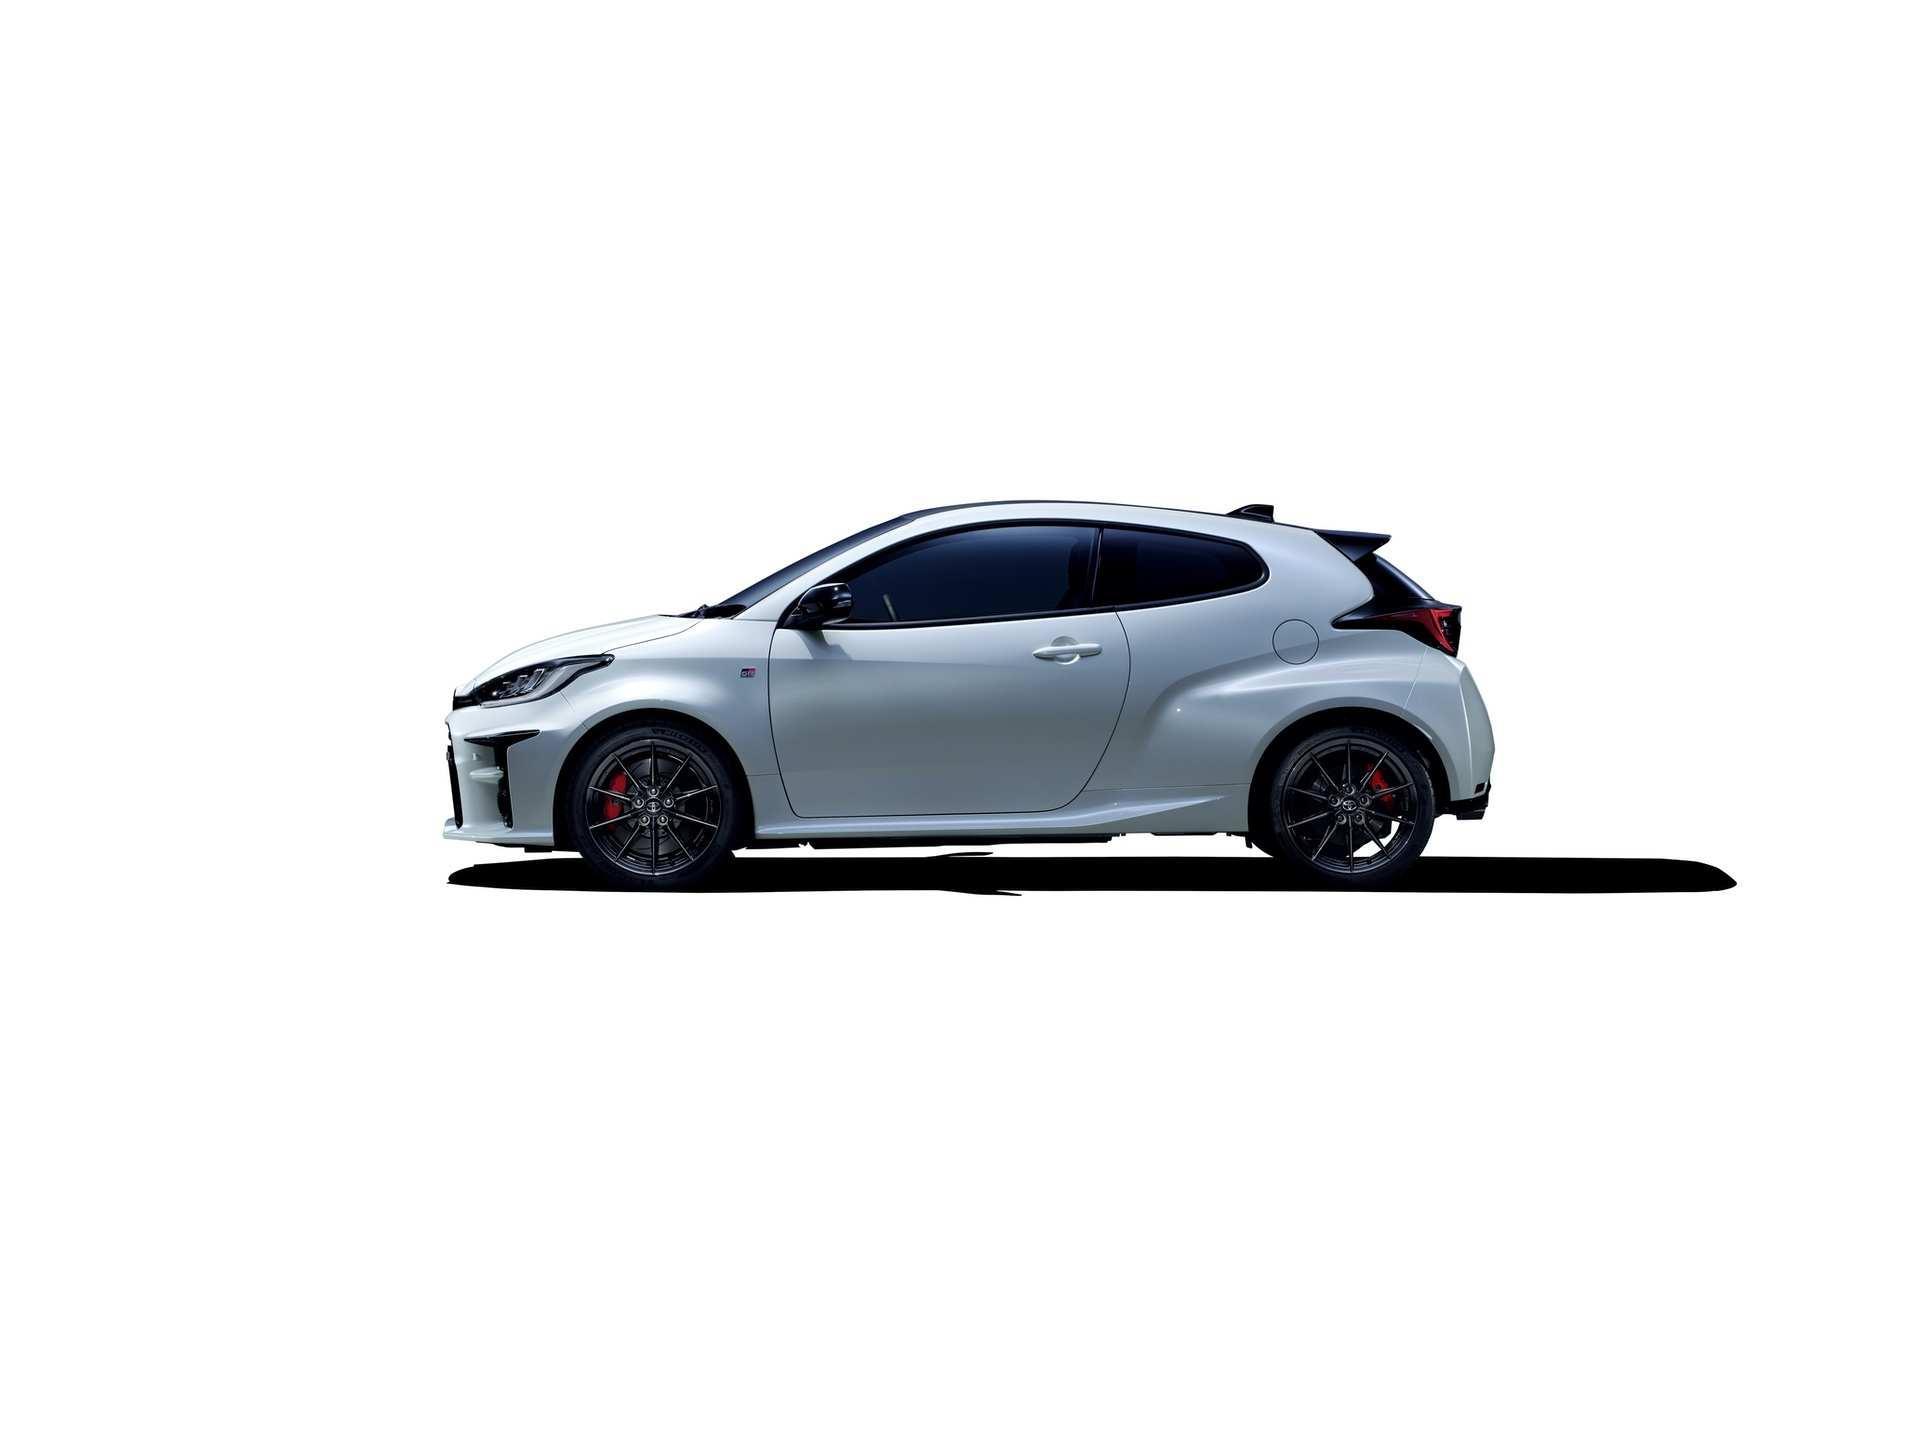 Toyota_GR_Yaris_JDM_0009